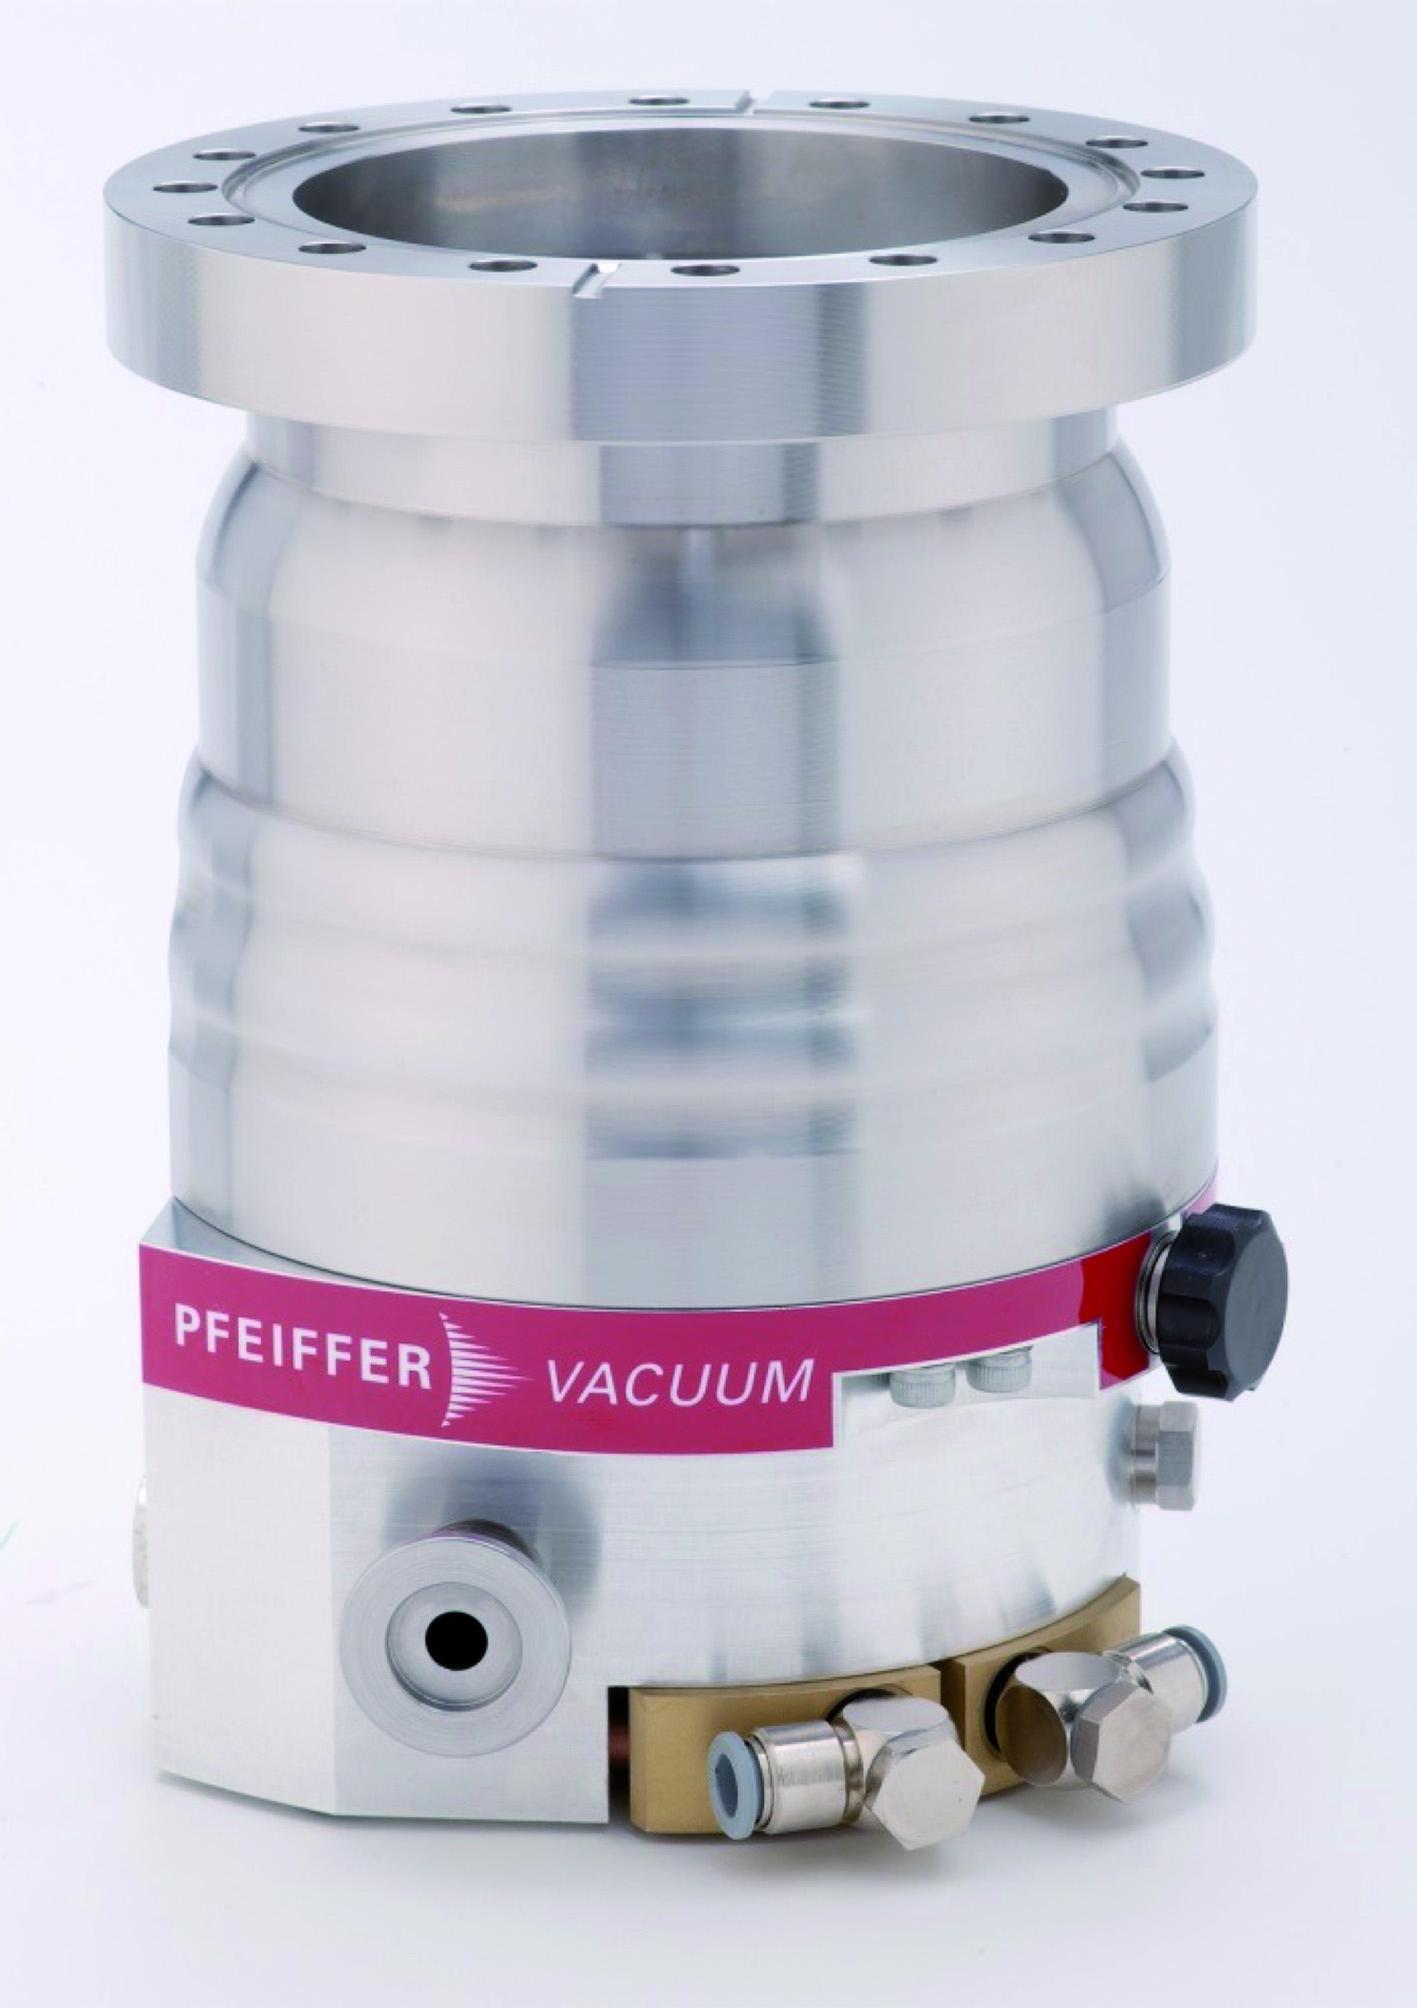 Pfeiffer Vacuum Technology Ag